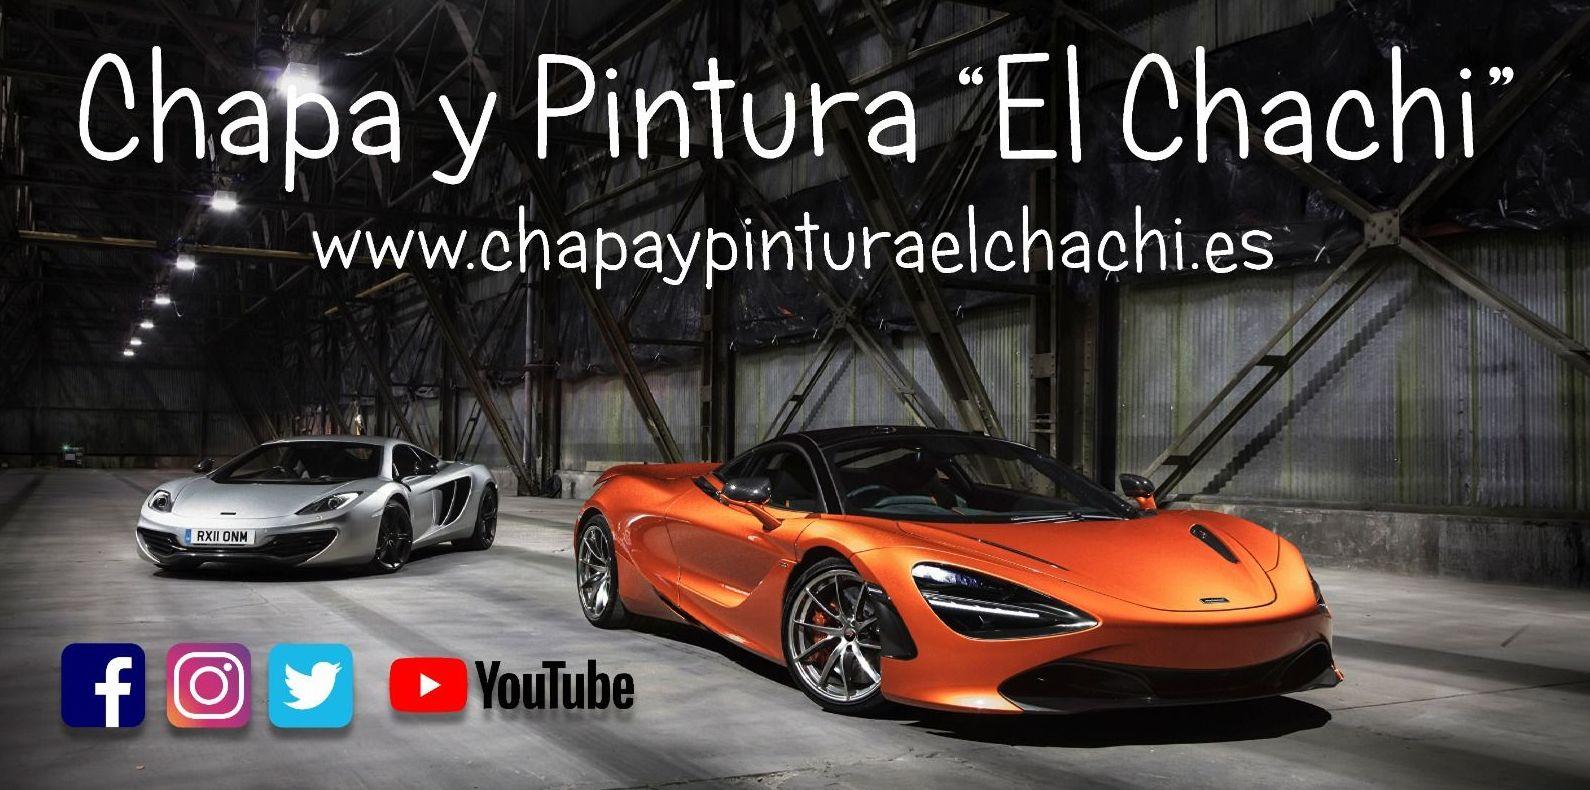 Chapa y Pintura el Chachi